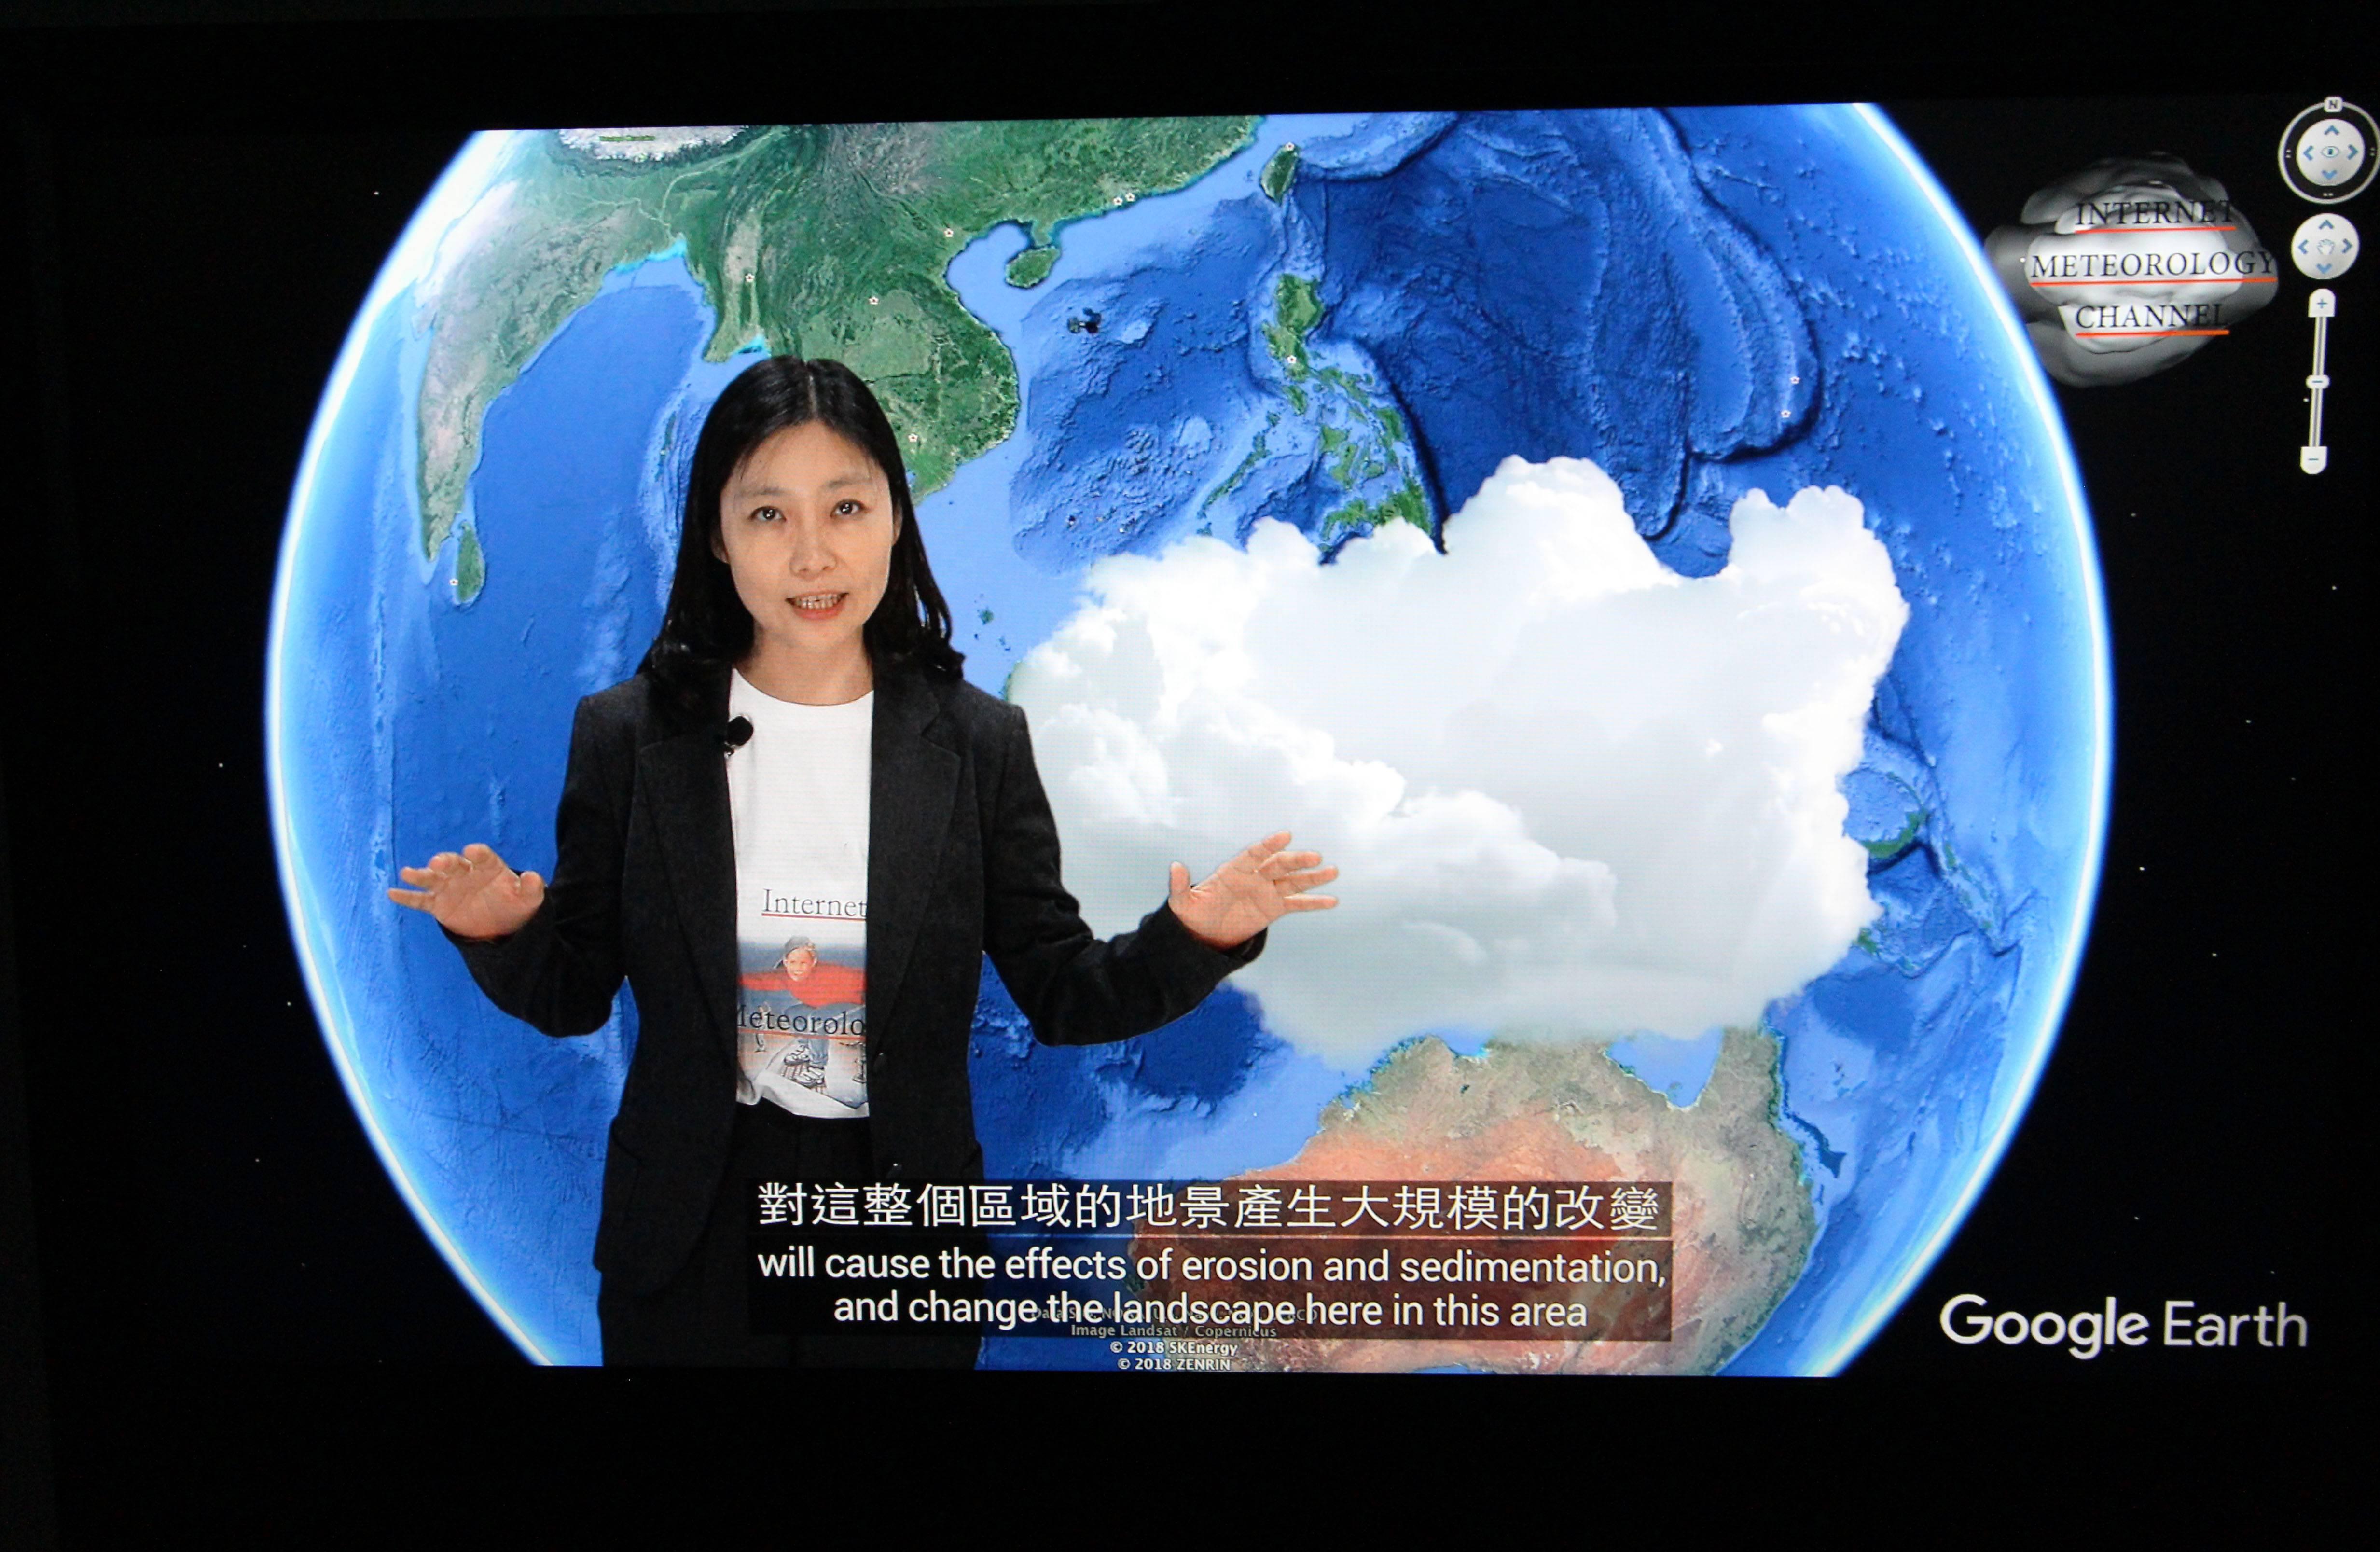 2018台北美術獎入選作品。陳呈毓,《雲氣平衡》, 錄像裝置,14分25秒/4分40秒,2018。